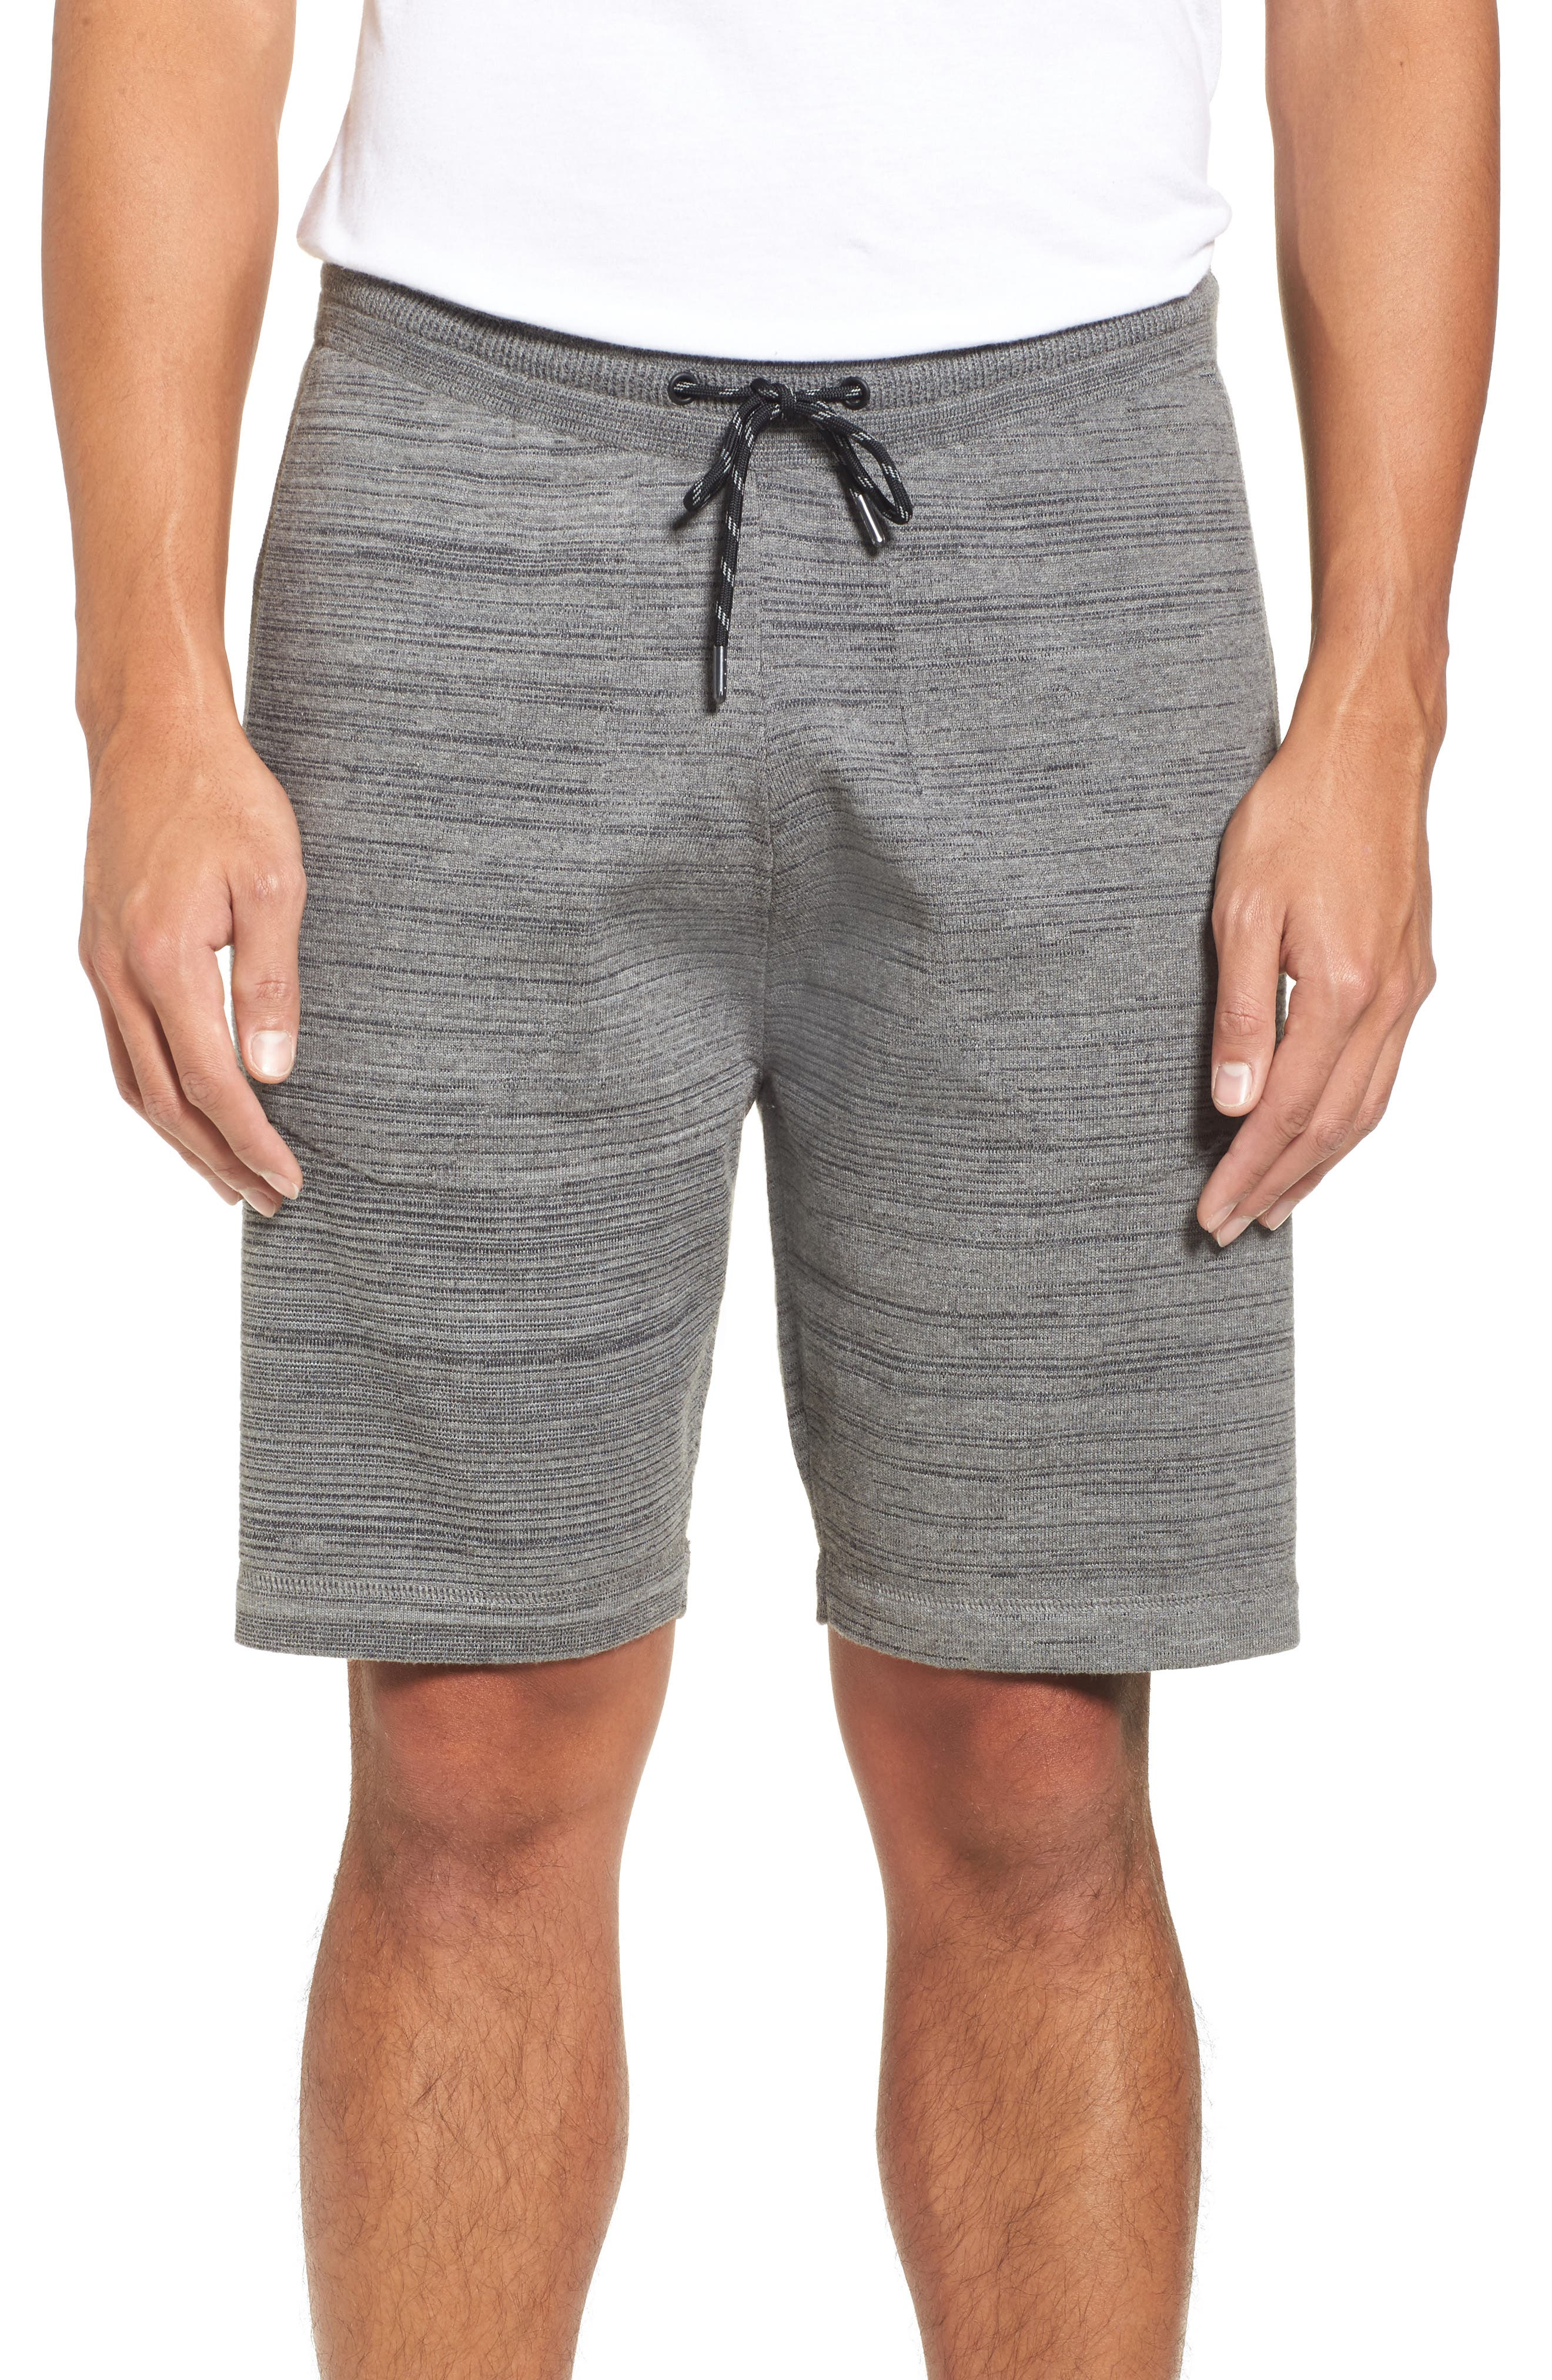 Tech Shorts,                             Main thumbnail 1, color,                             030